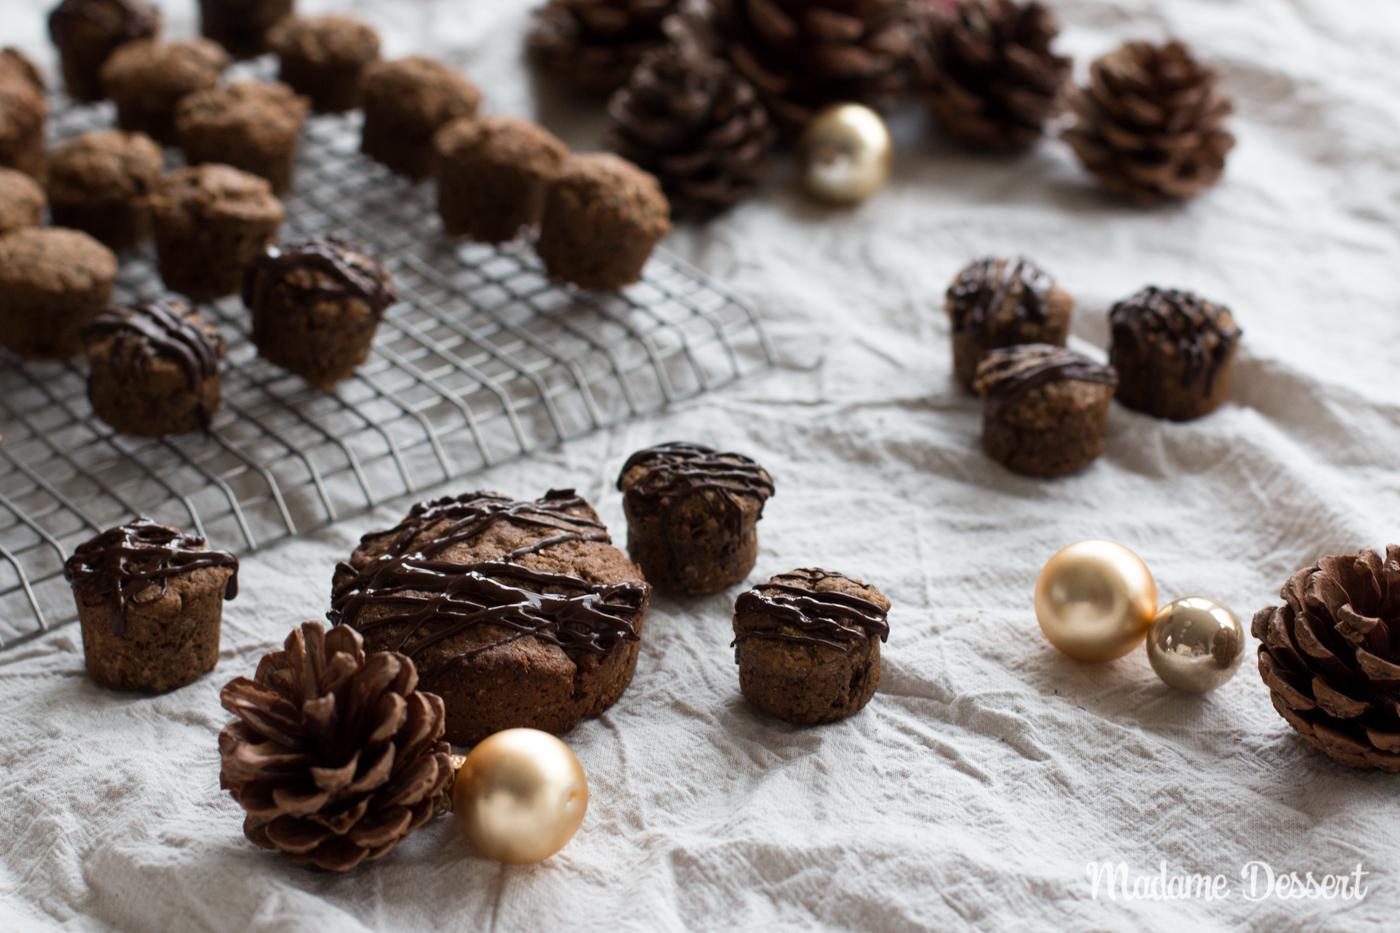 Vegane Lebkuchen mit Chia & Zucchini | Madame Dessert